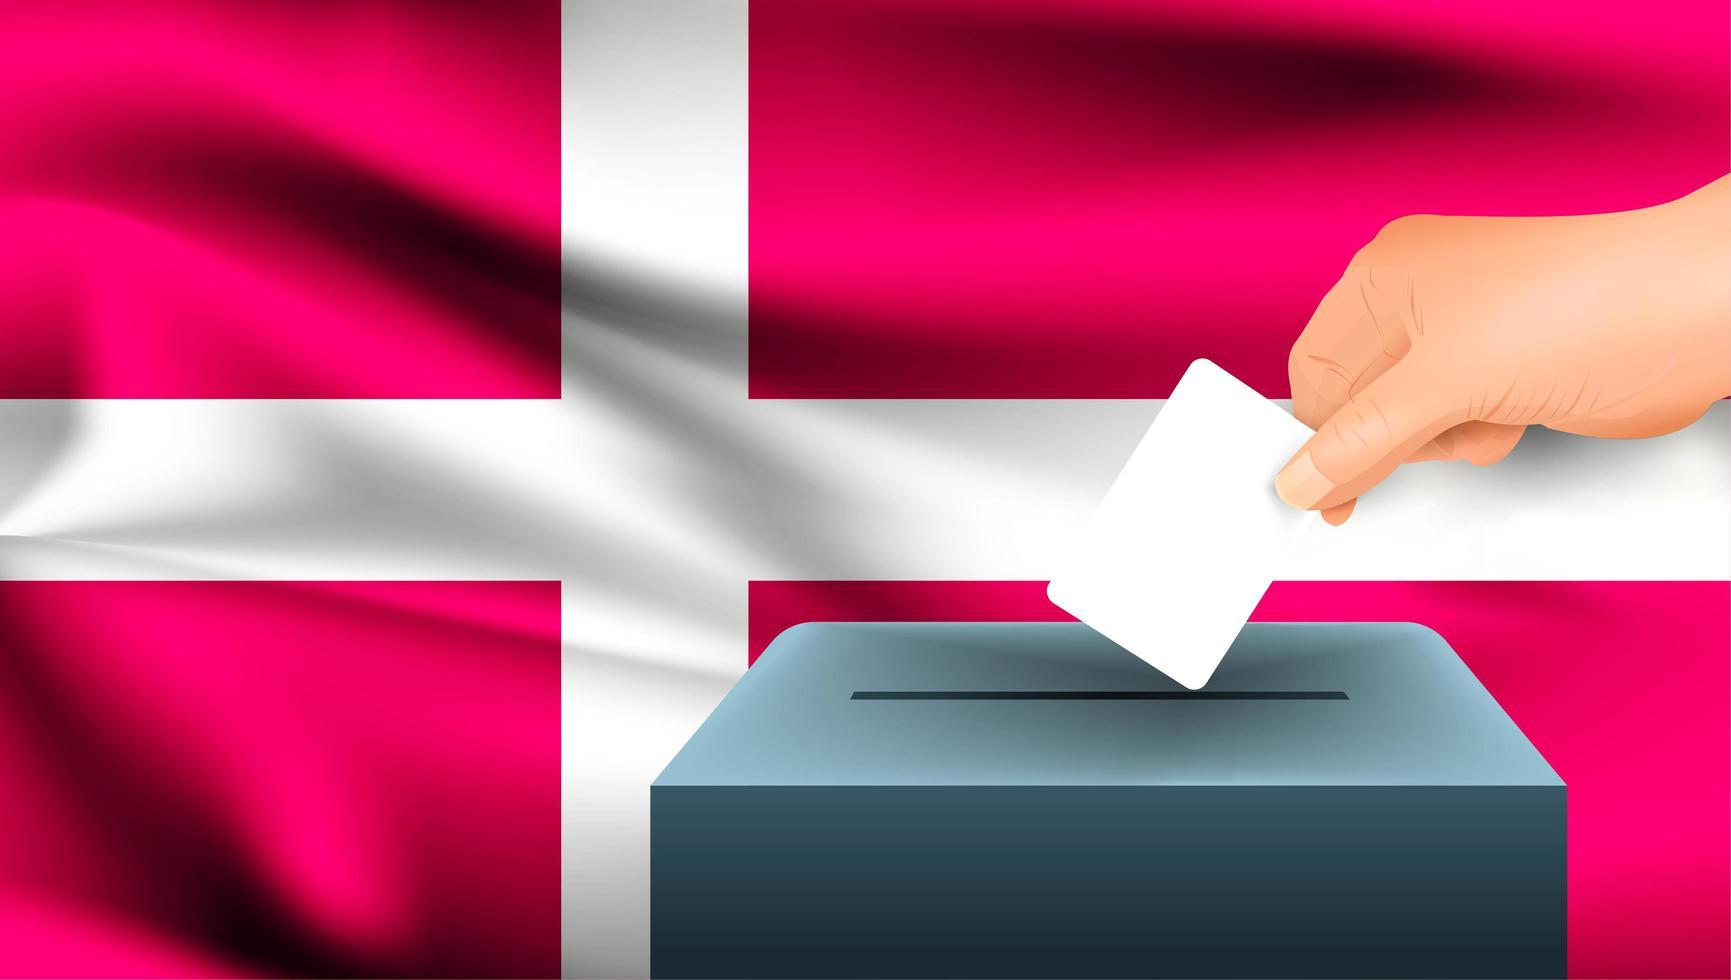 Poner la mano en la urna con la bandera de Dinamarca vector